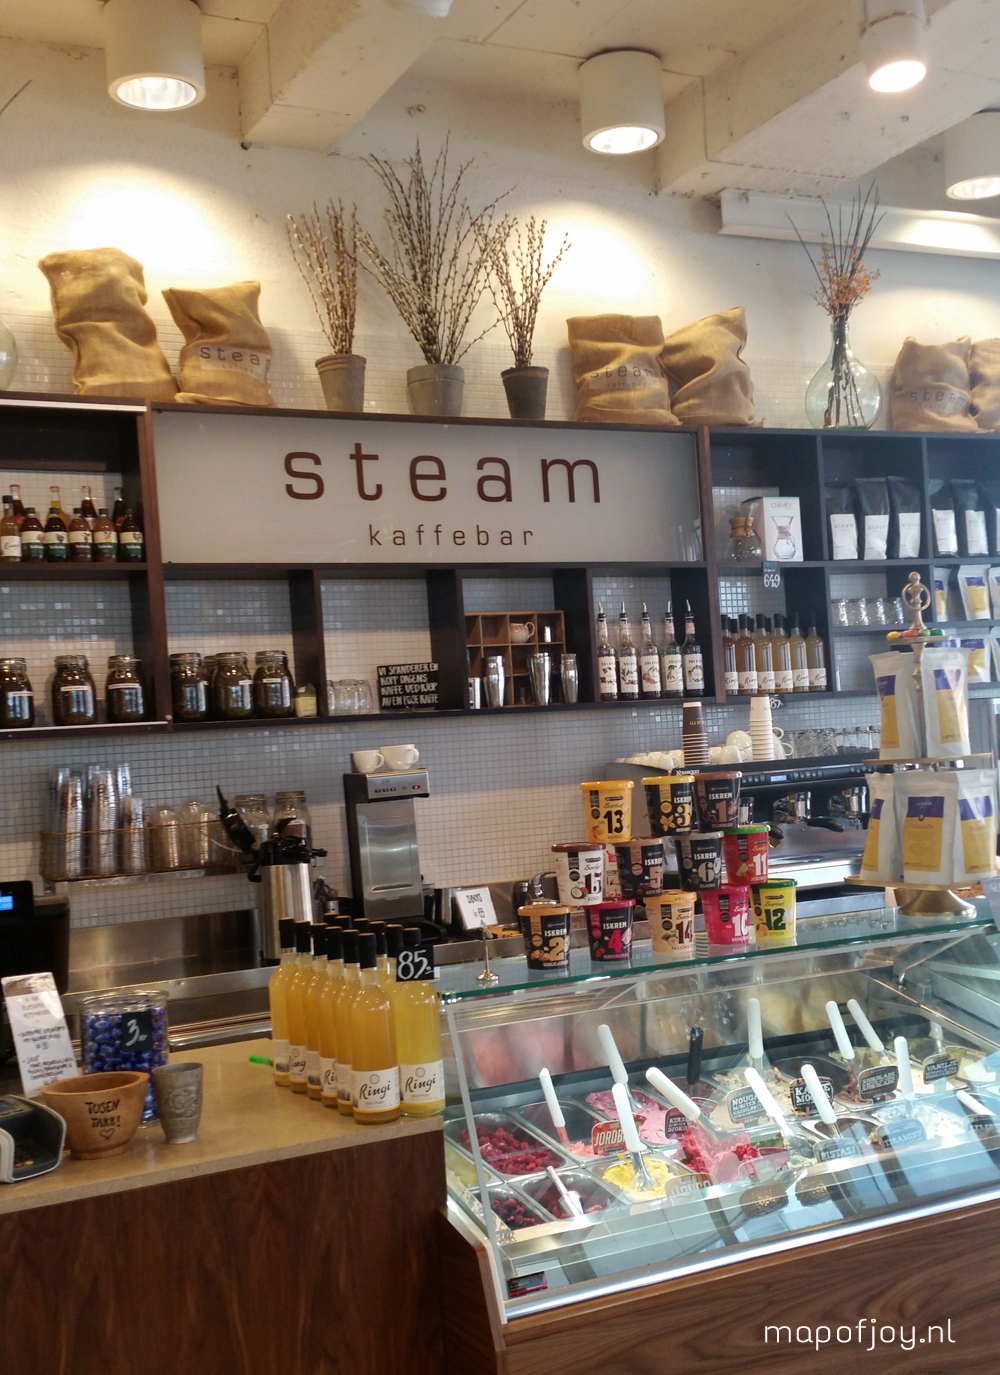 steam-kaffebar-stavanger-map-of-joy